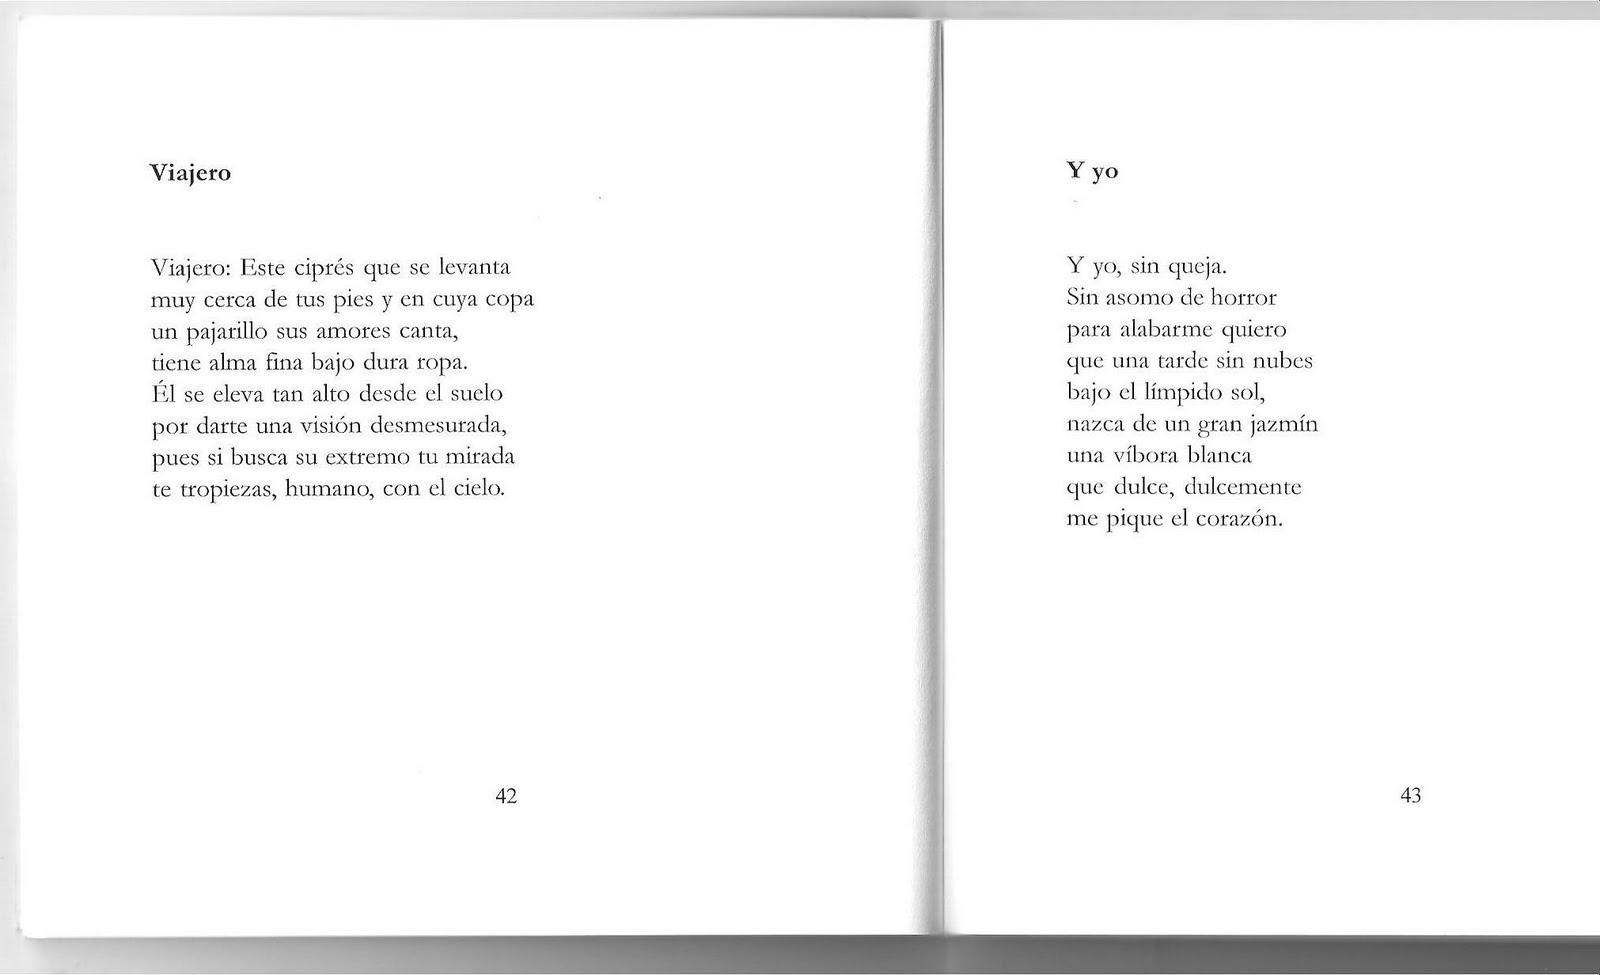 Poemas de juana de ibarbourou los poetas share the - Amor en catalan ...